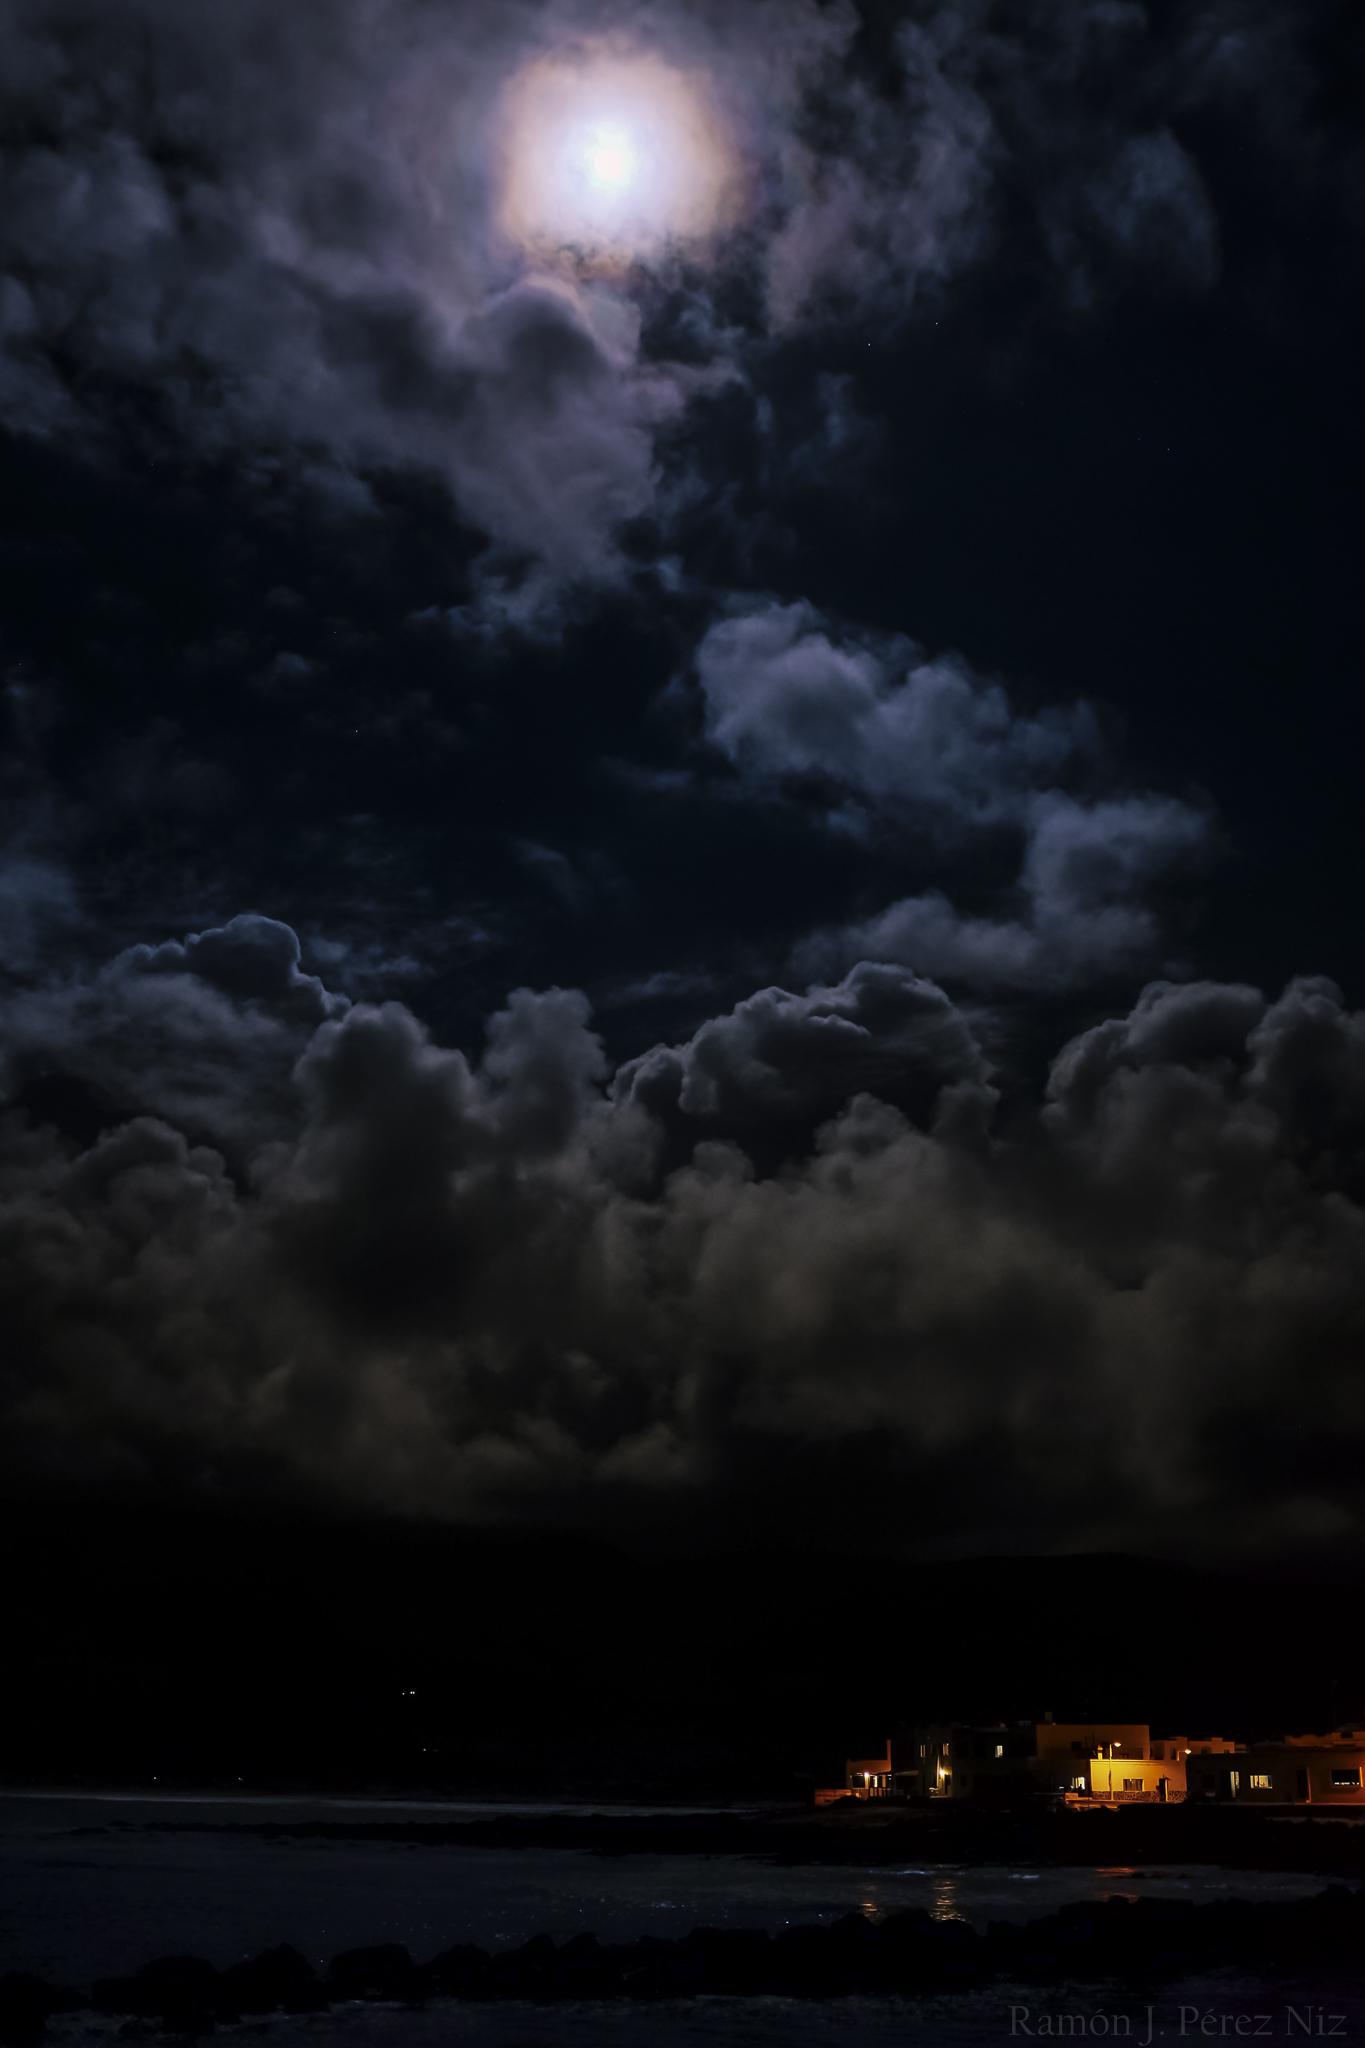 Foto de Ramón Pérez Niz, la gran luna en La Caleta de Famara